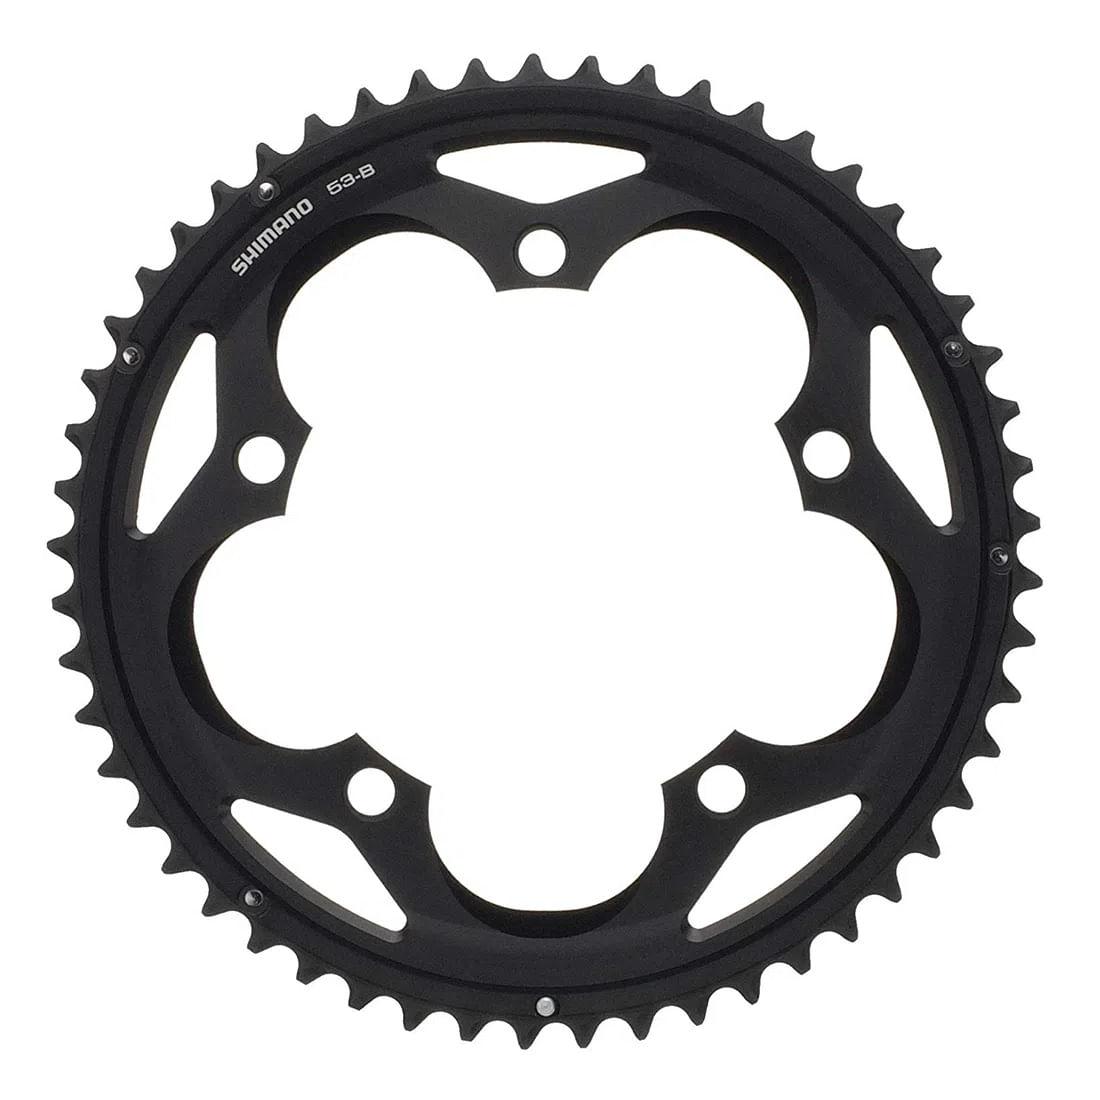 Coroa-de-Bicicleta-Speed-Shimano-53-Dentes-BCD130-FC-5700---9729